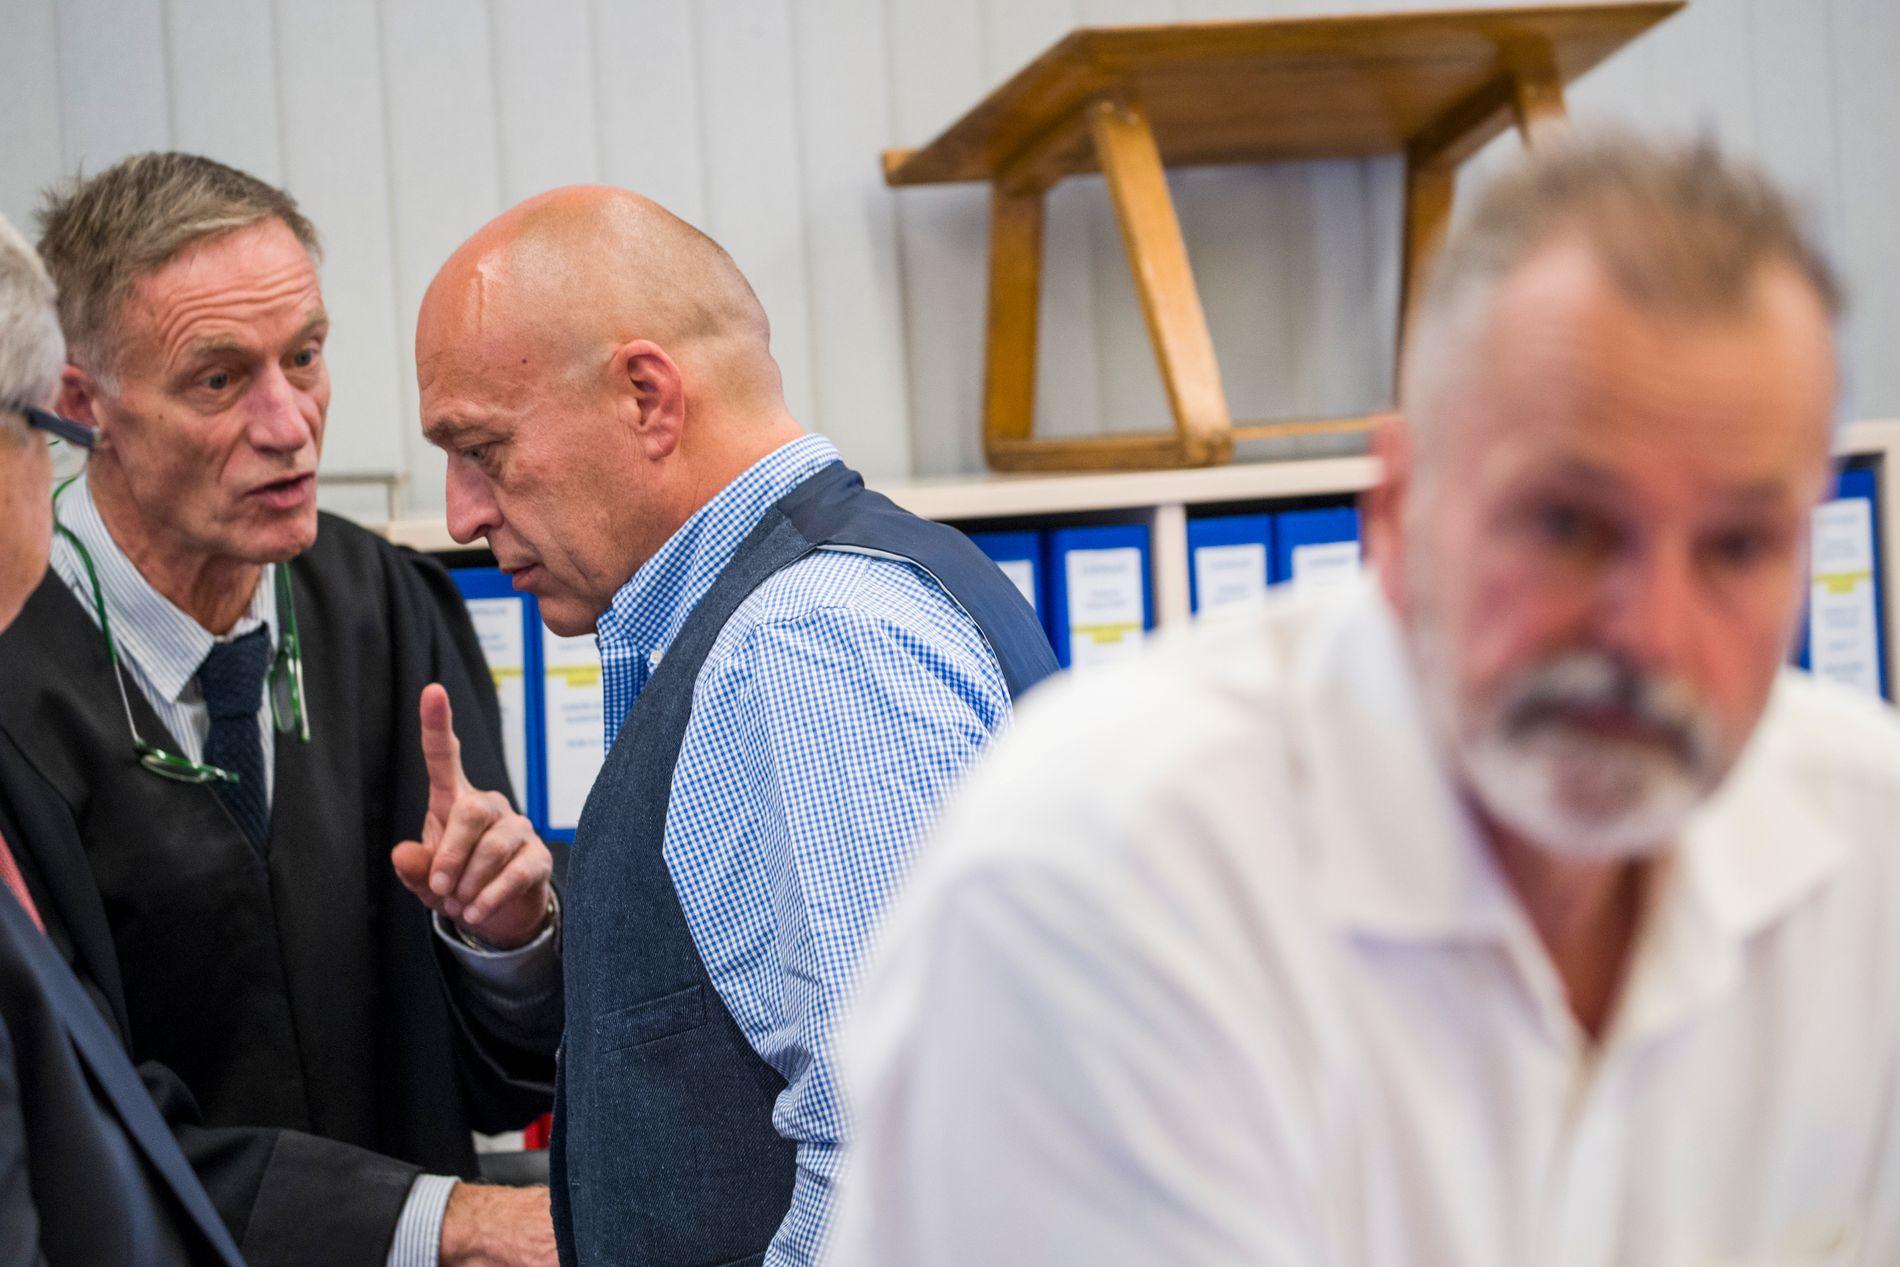 TILTALT: Eirik Jensen (til høyre) og Gjermund Cappelen, er begge tiltalt for korrupsjon og narkotikavirksomhet. Jensen nekter straffskyld. Cappelens er påtalemyndighetens viktigste vitne.